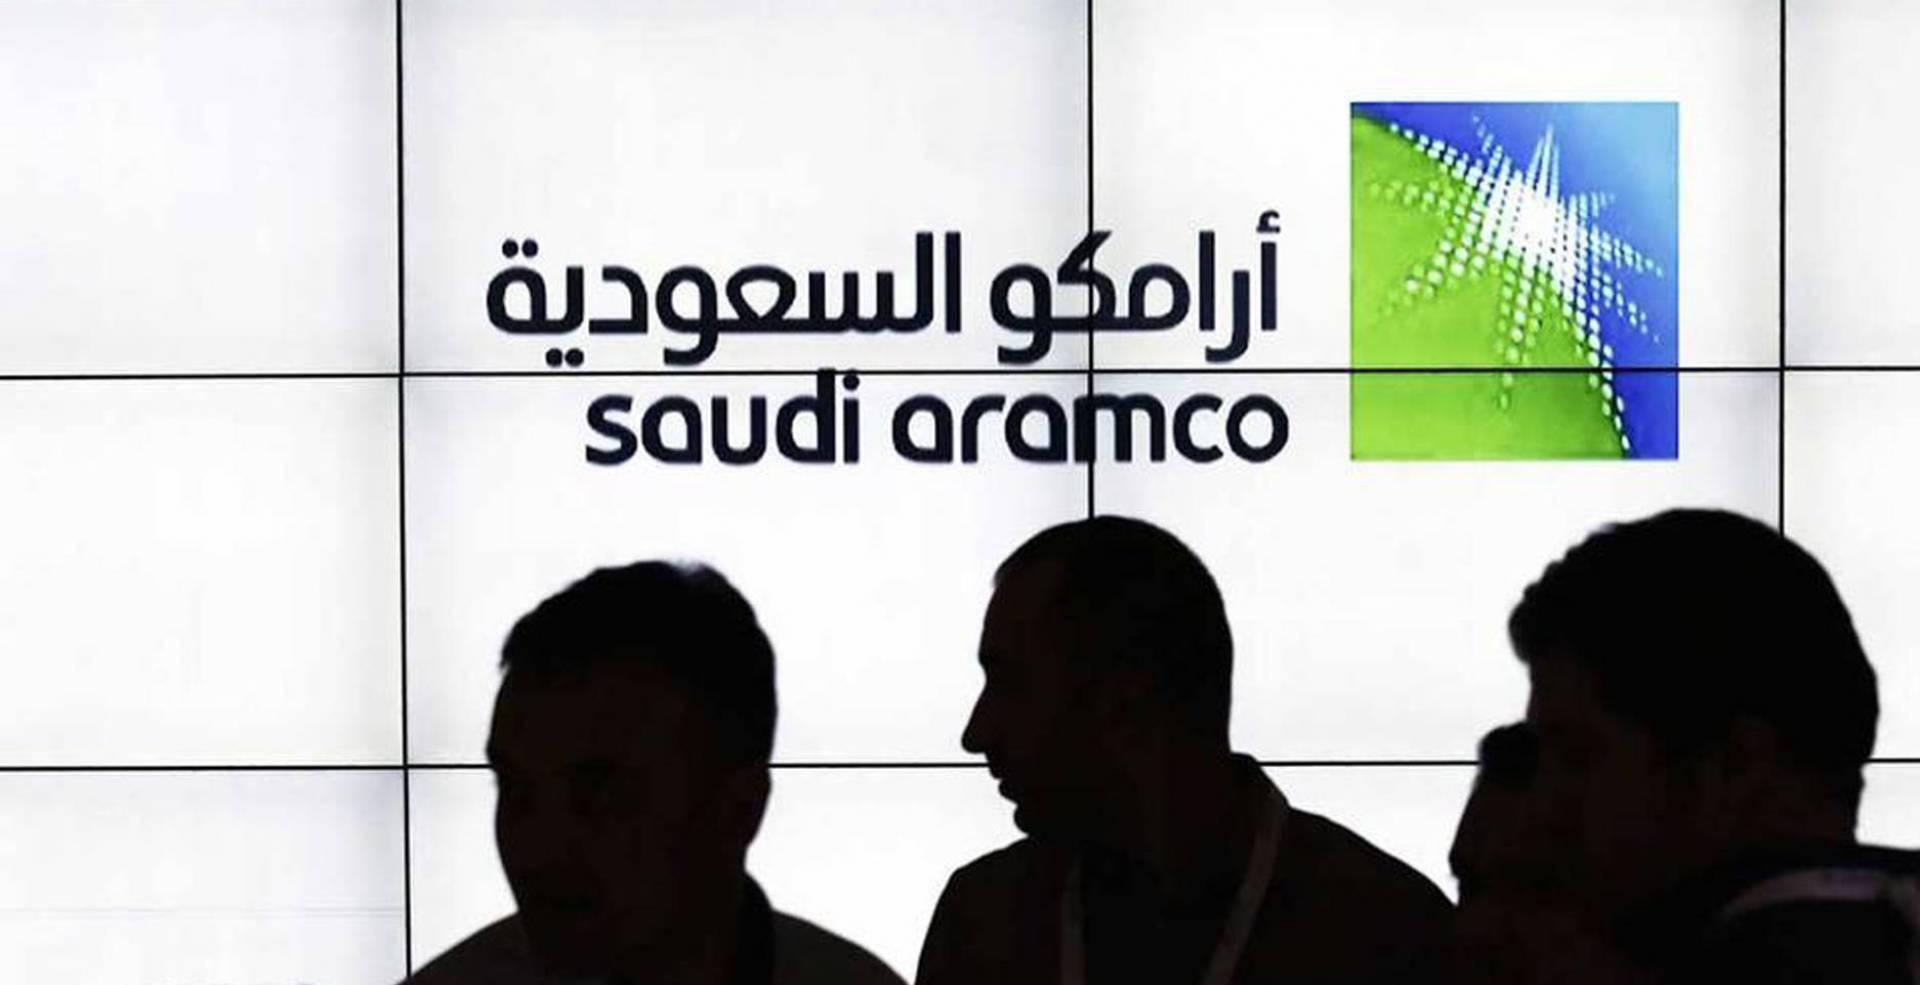 أرامكو السعودية تستعيد صدارة الشركات الأعلى قيمة في العالم